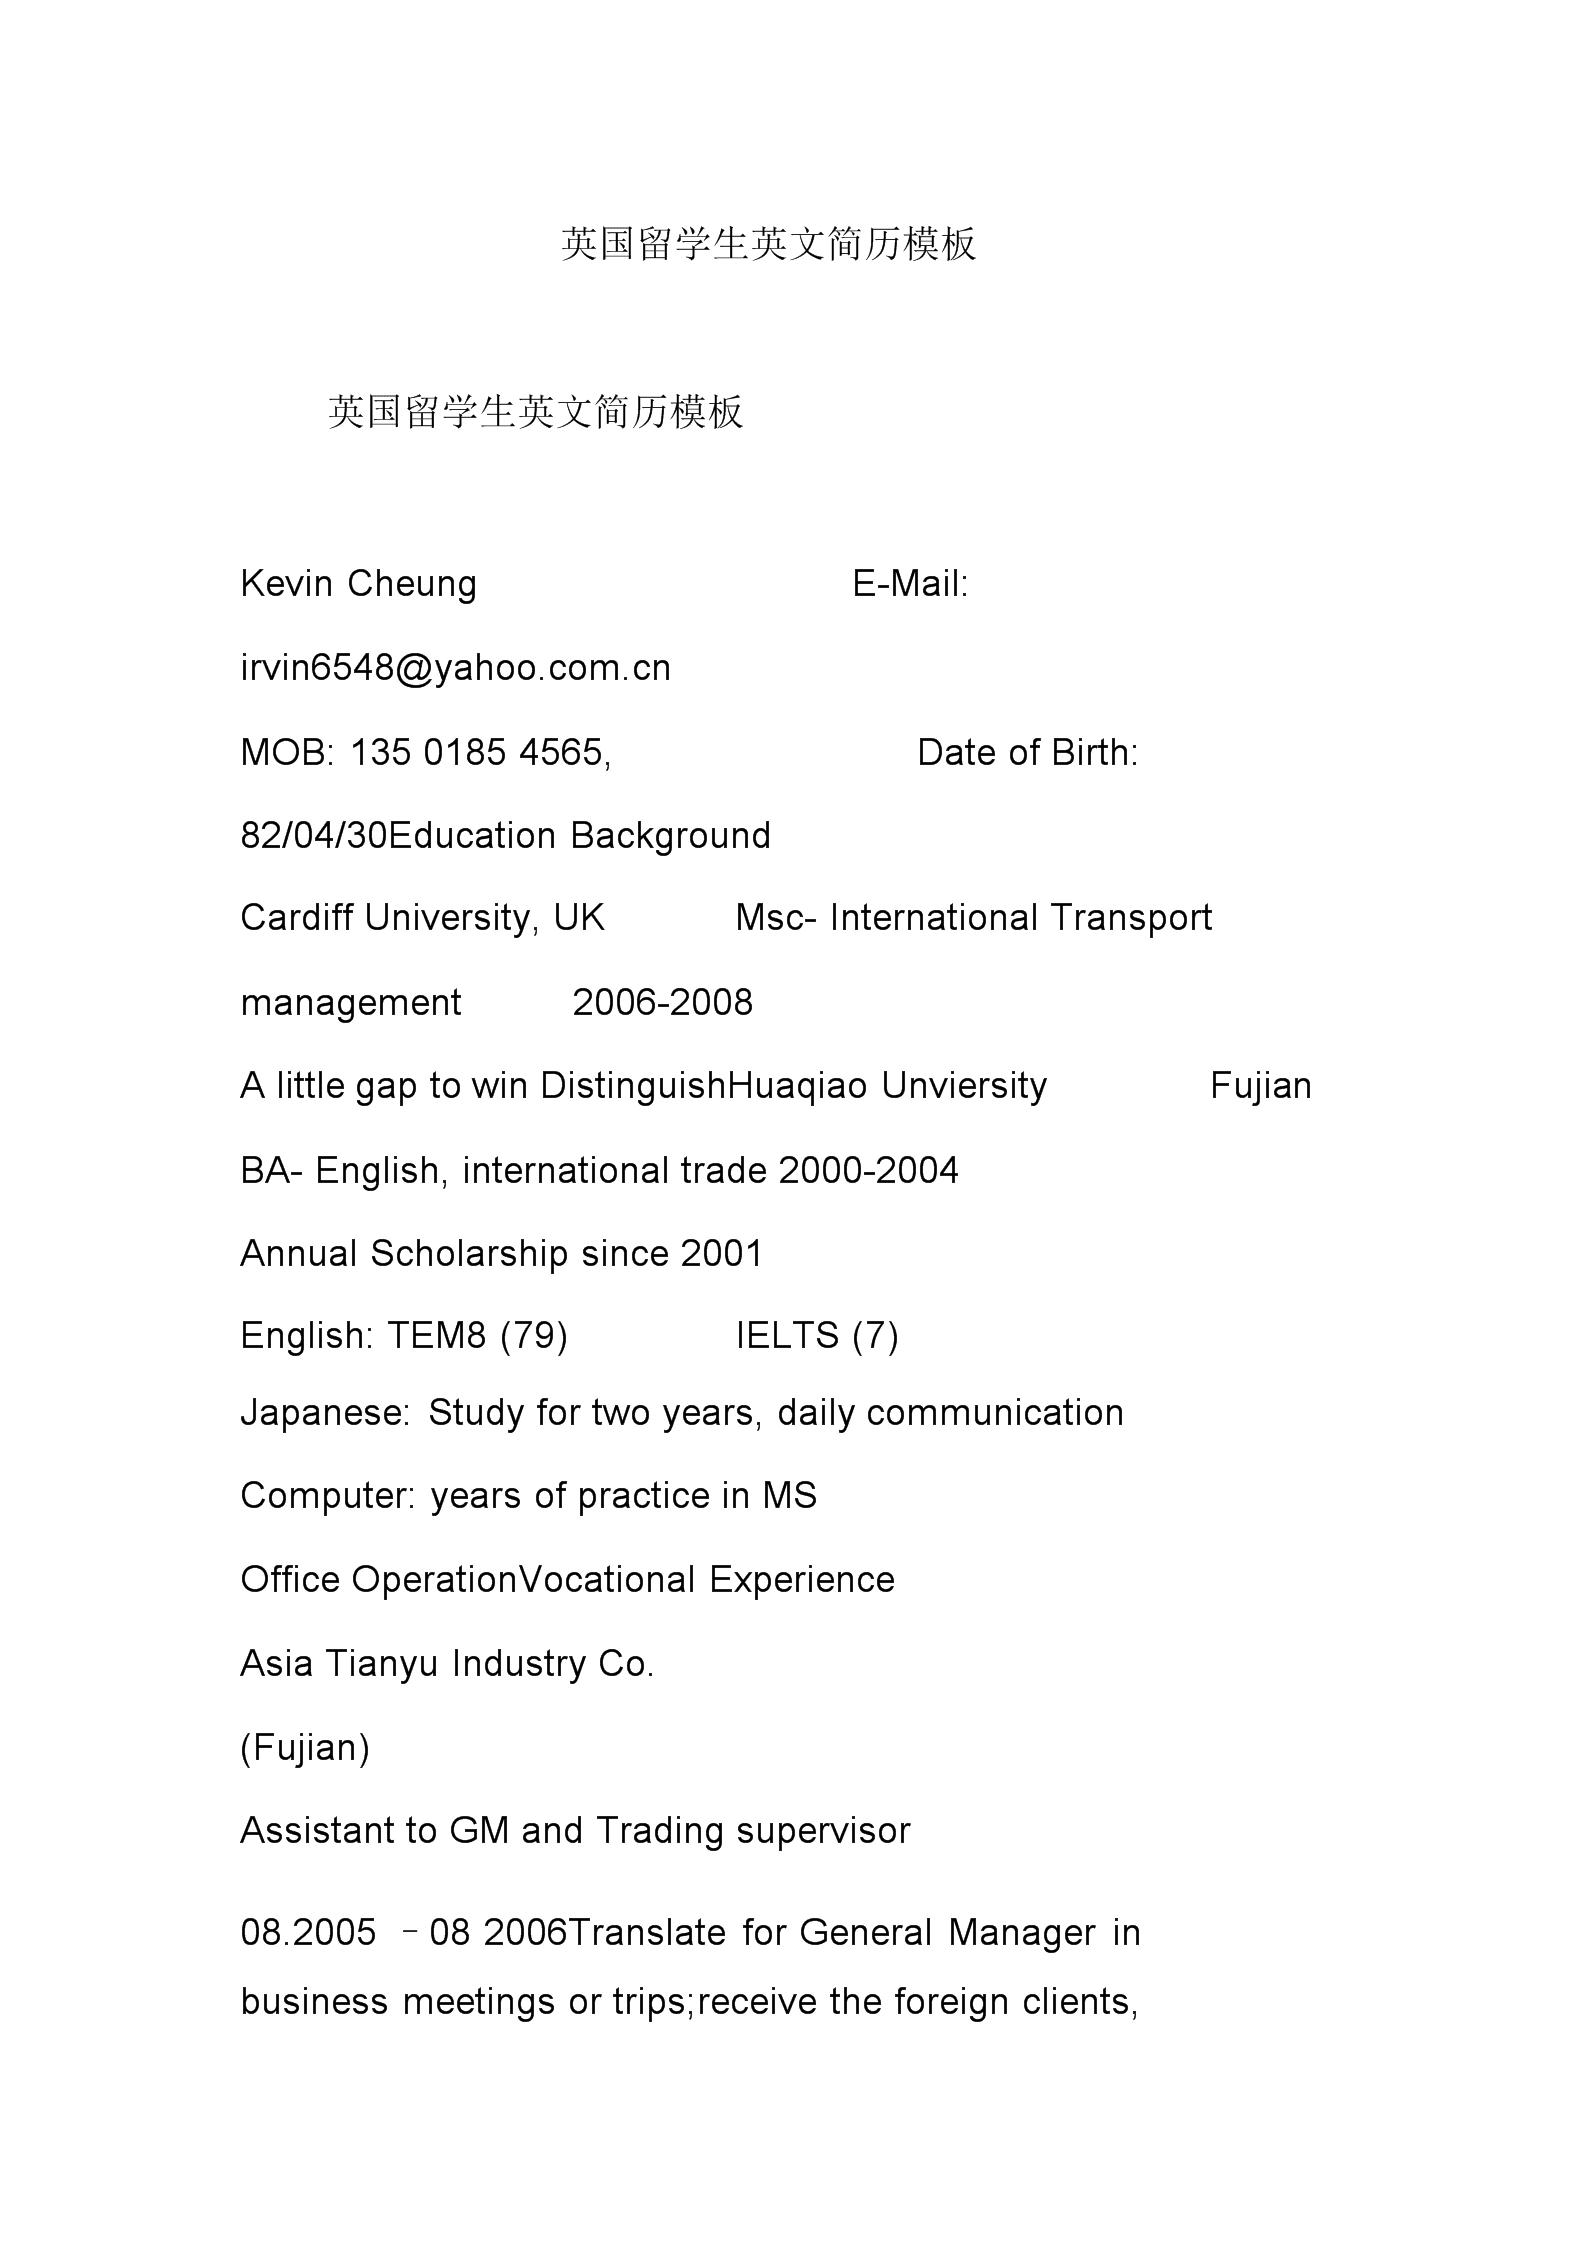 英国留学生英文简历模板.doc